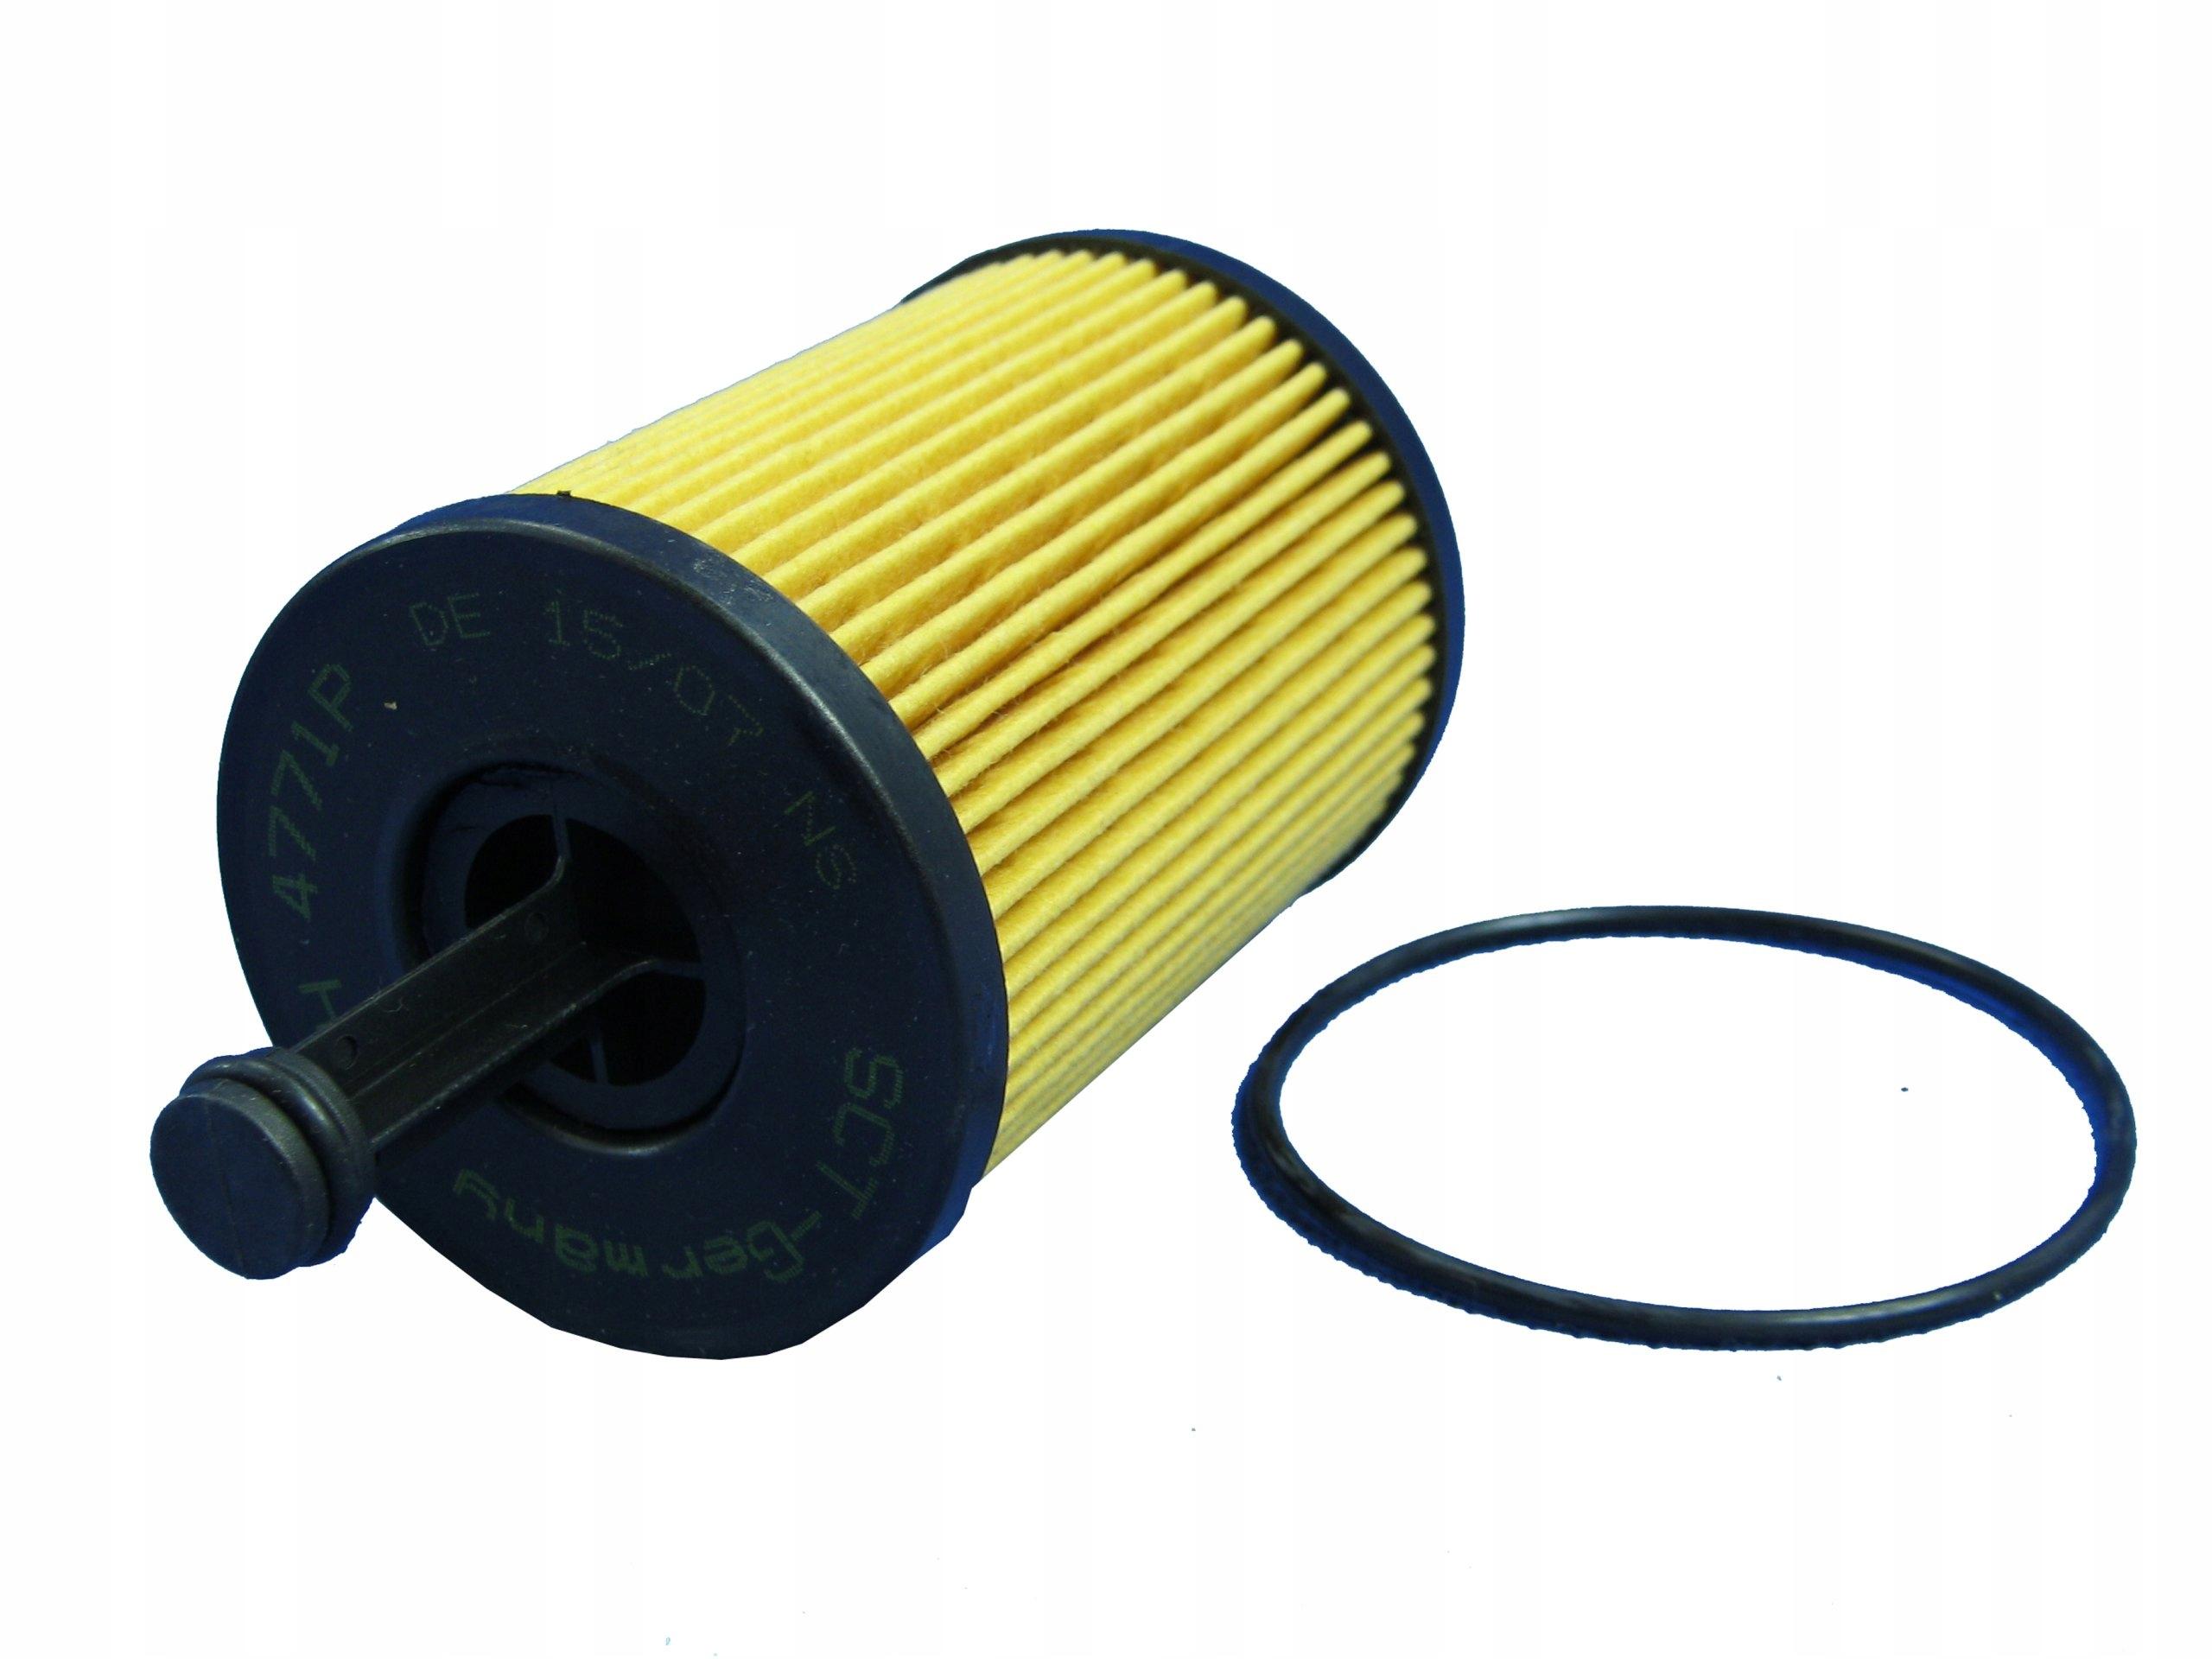 Масляный фильтр фольксваген транспортер т5 дизель фольксваген транспортер тюмень продажа